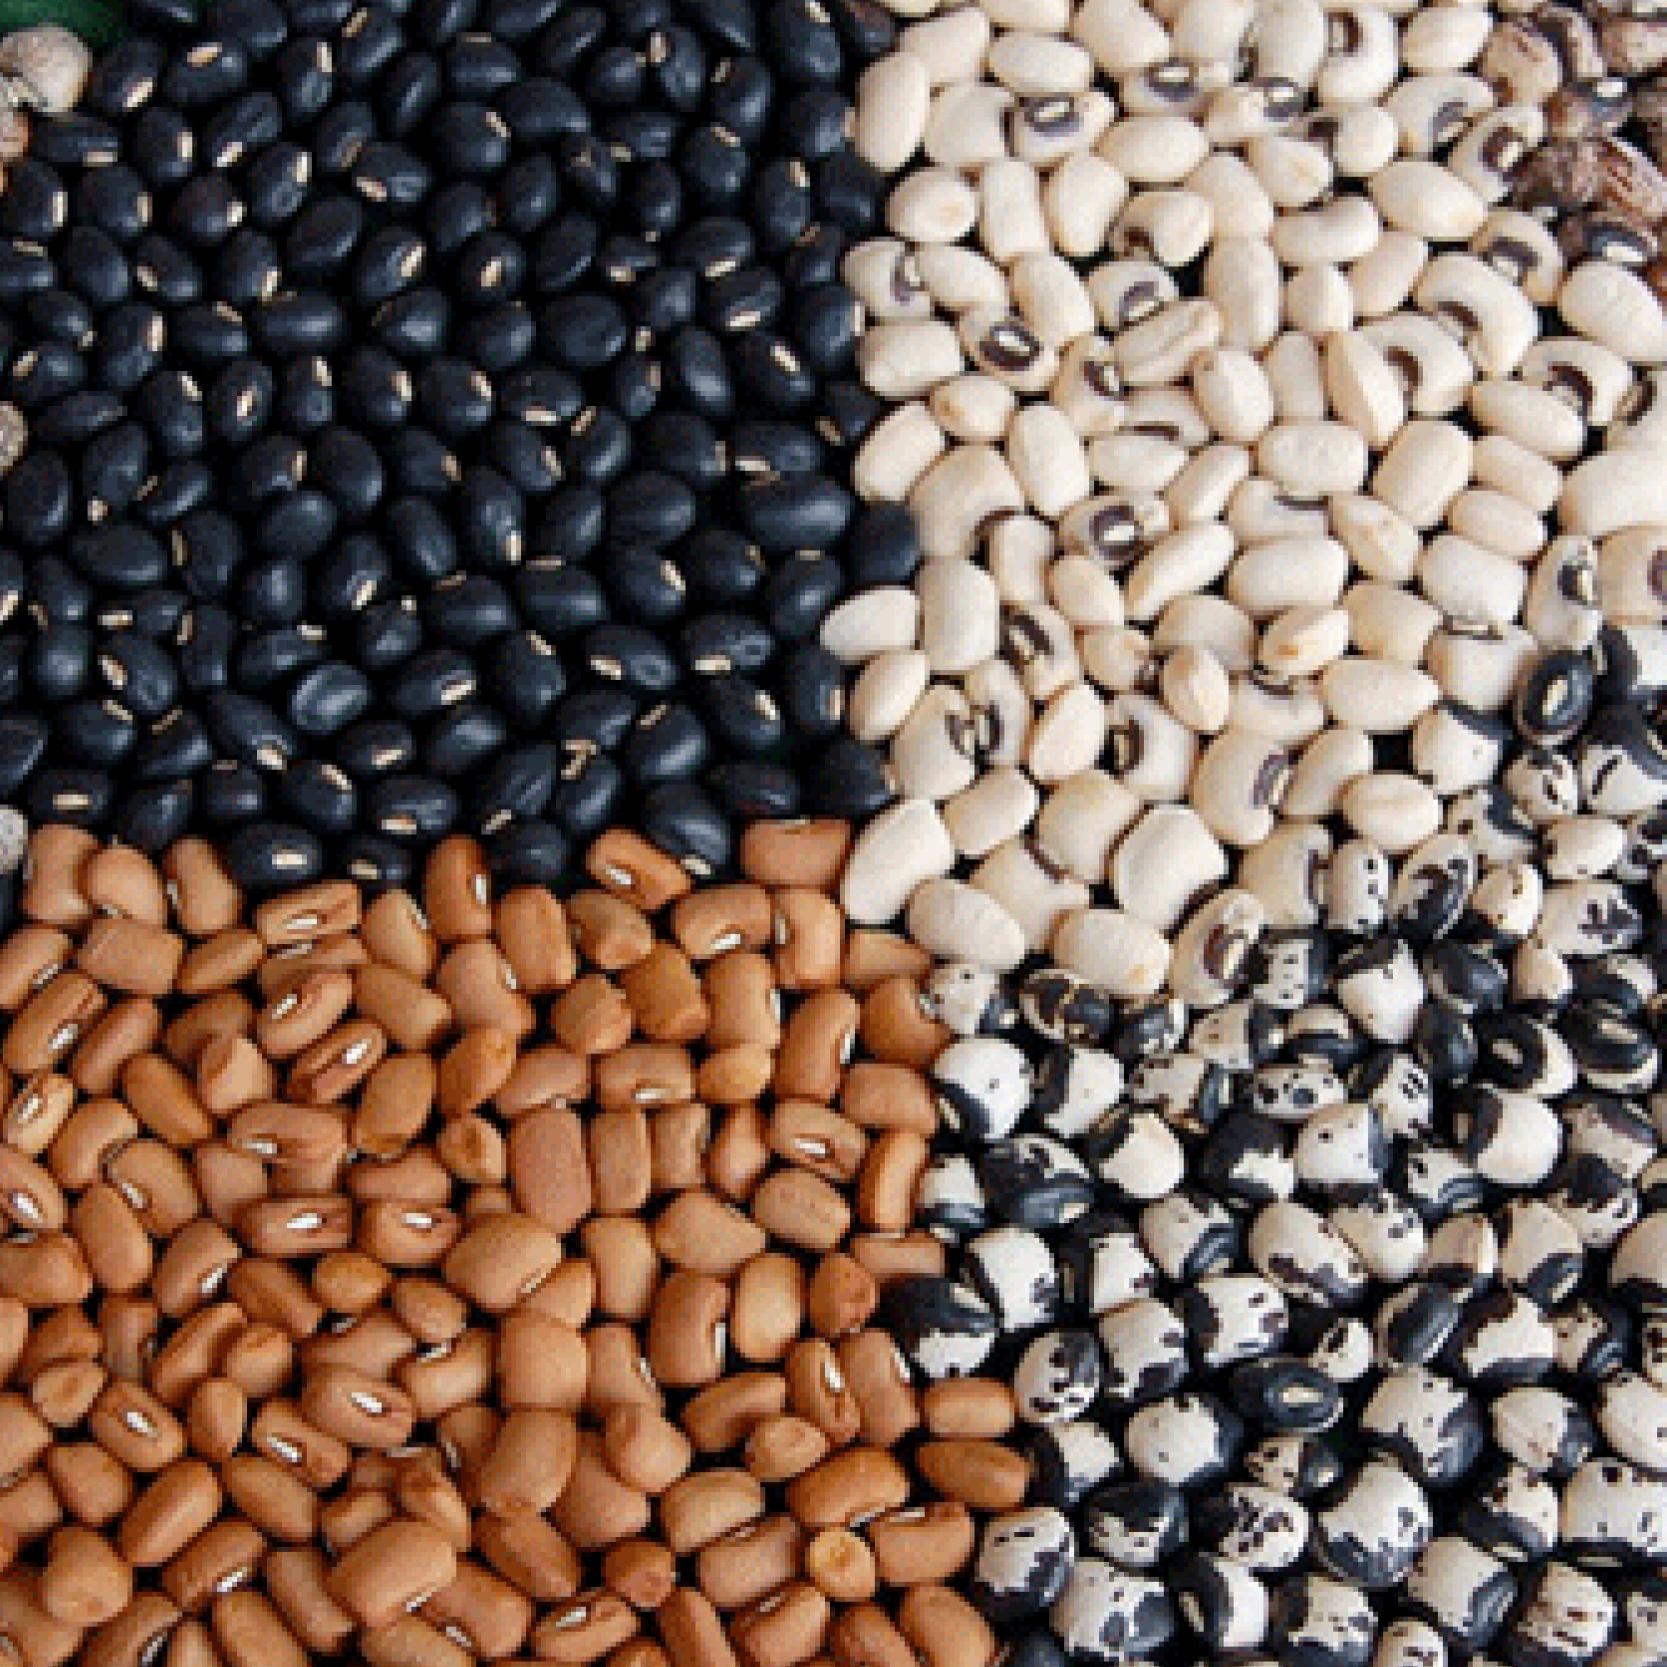 seeds_details.jpg